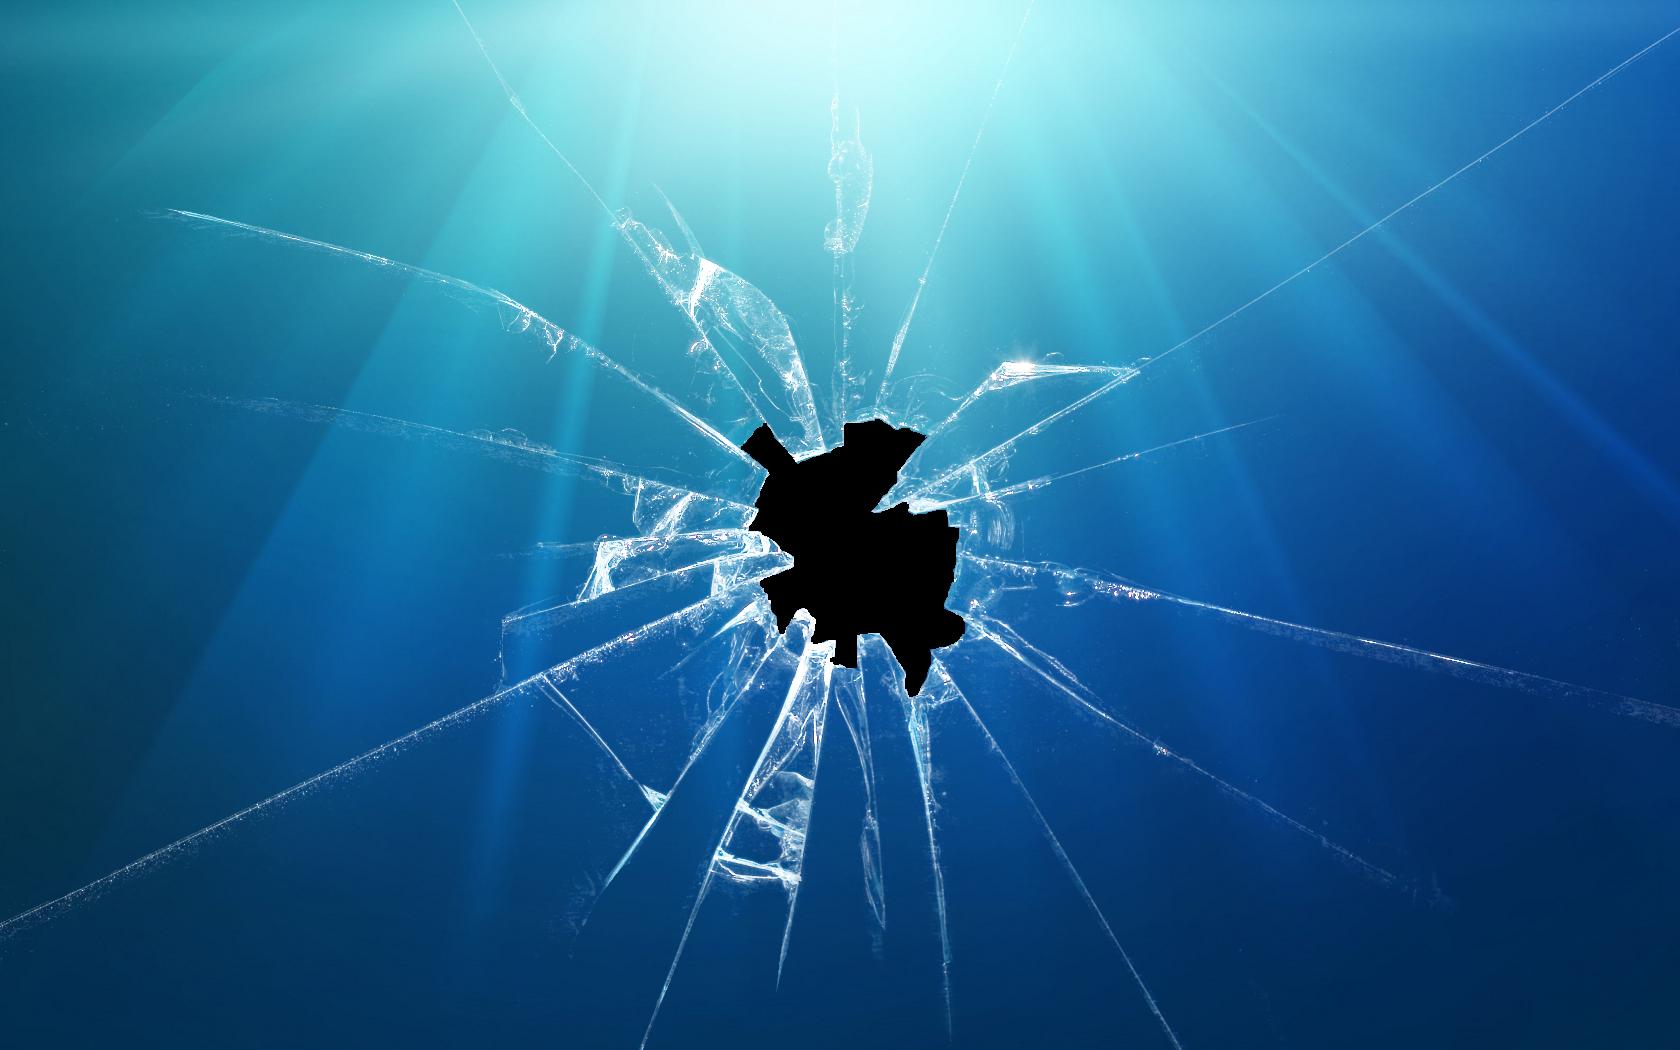 Broken Screen Wallpaper 1680x1050 Broken Screen 1680x1050